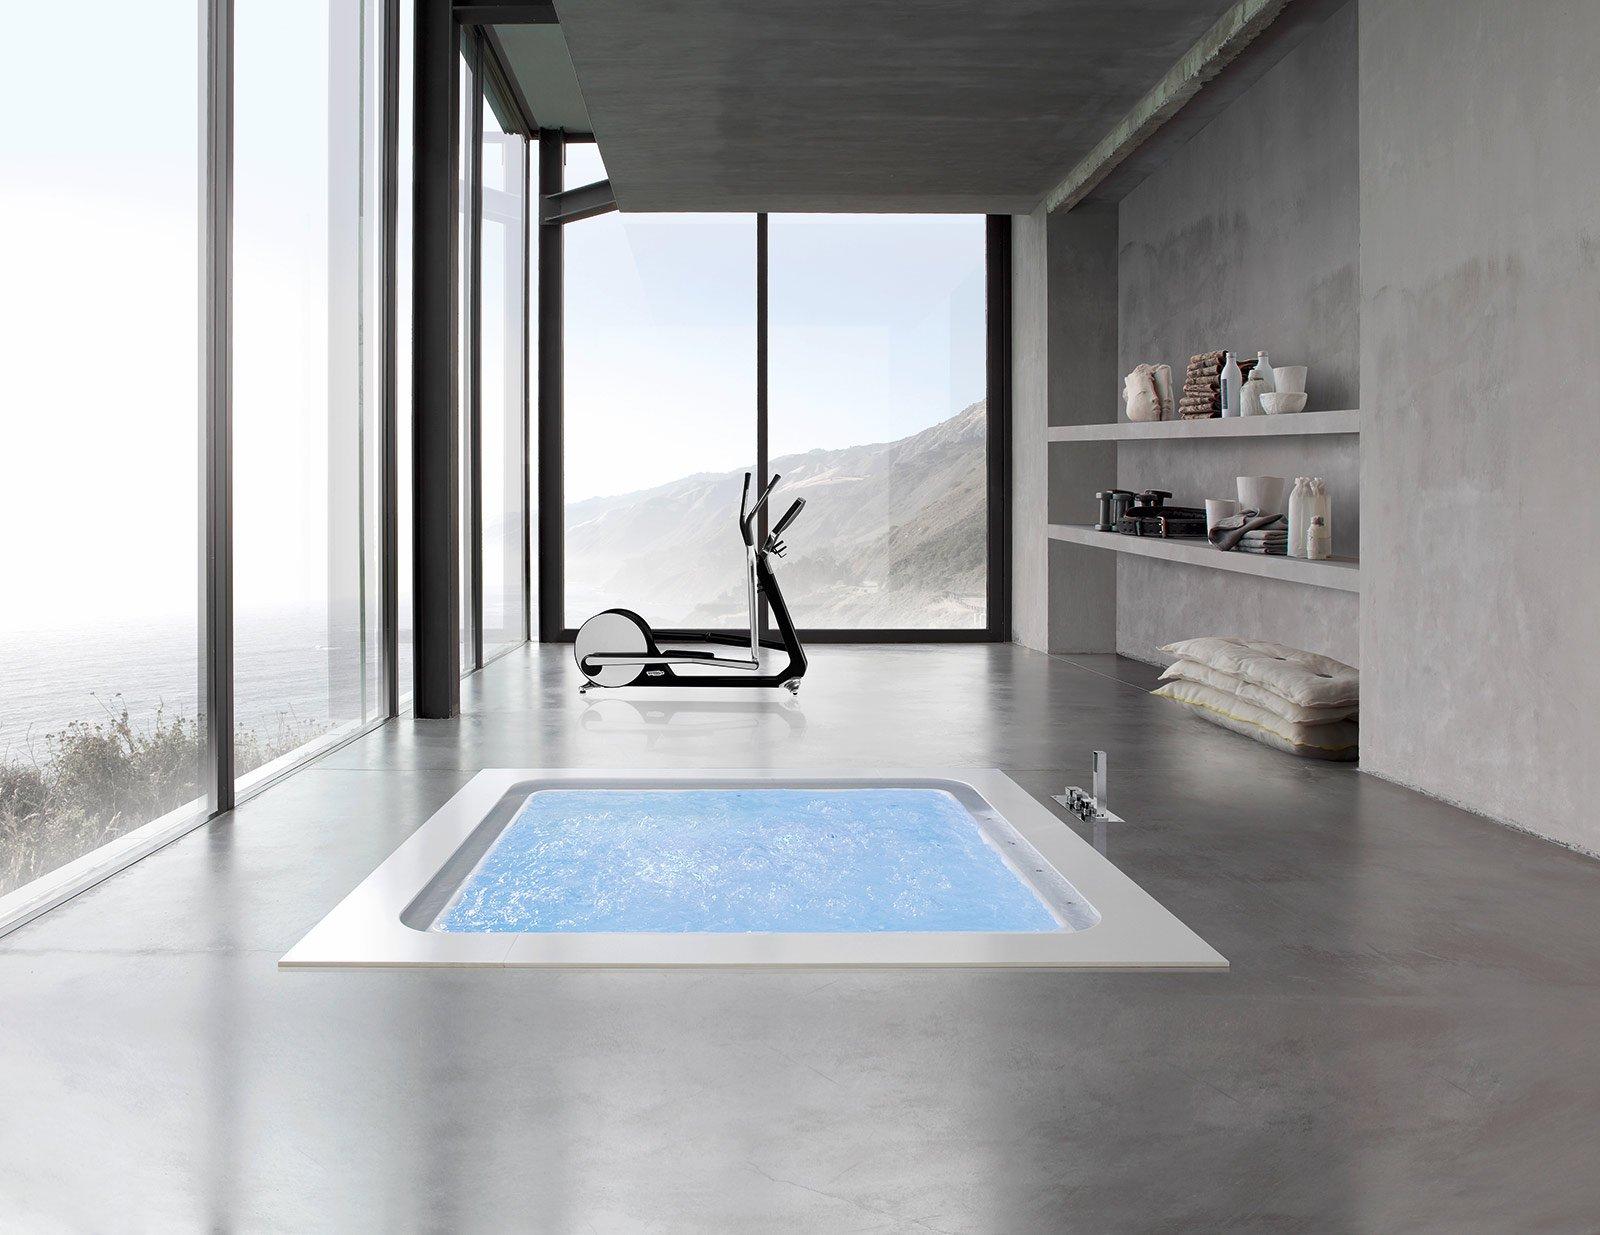 Design week 2014 la vasca da bagno esce dall 39 anonimato - Tende a filo ikea ...